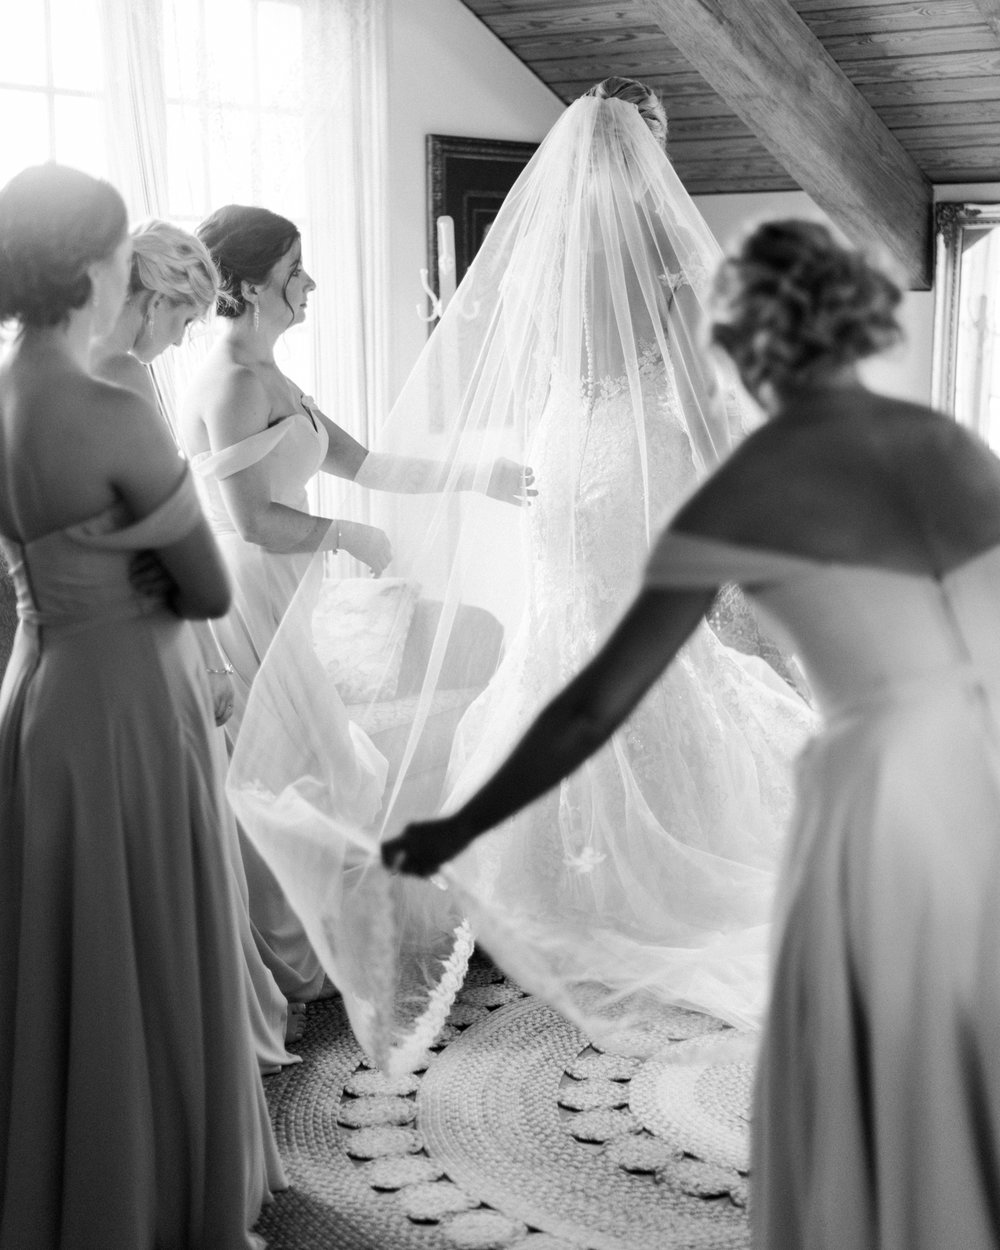 Sorella-farms-barn-wedding-venue-lynchburg-film-photographer-20.jpg